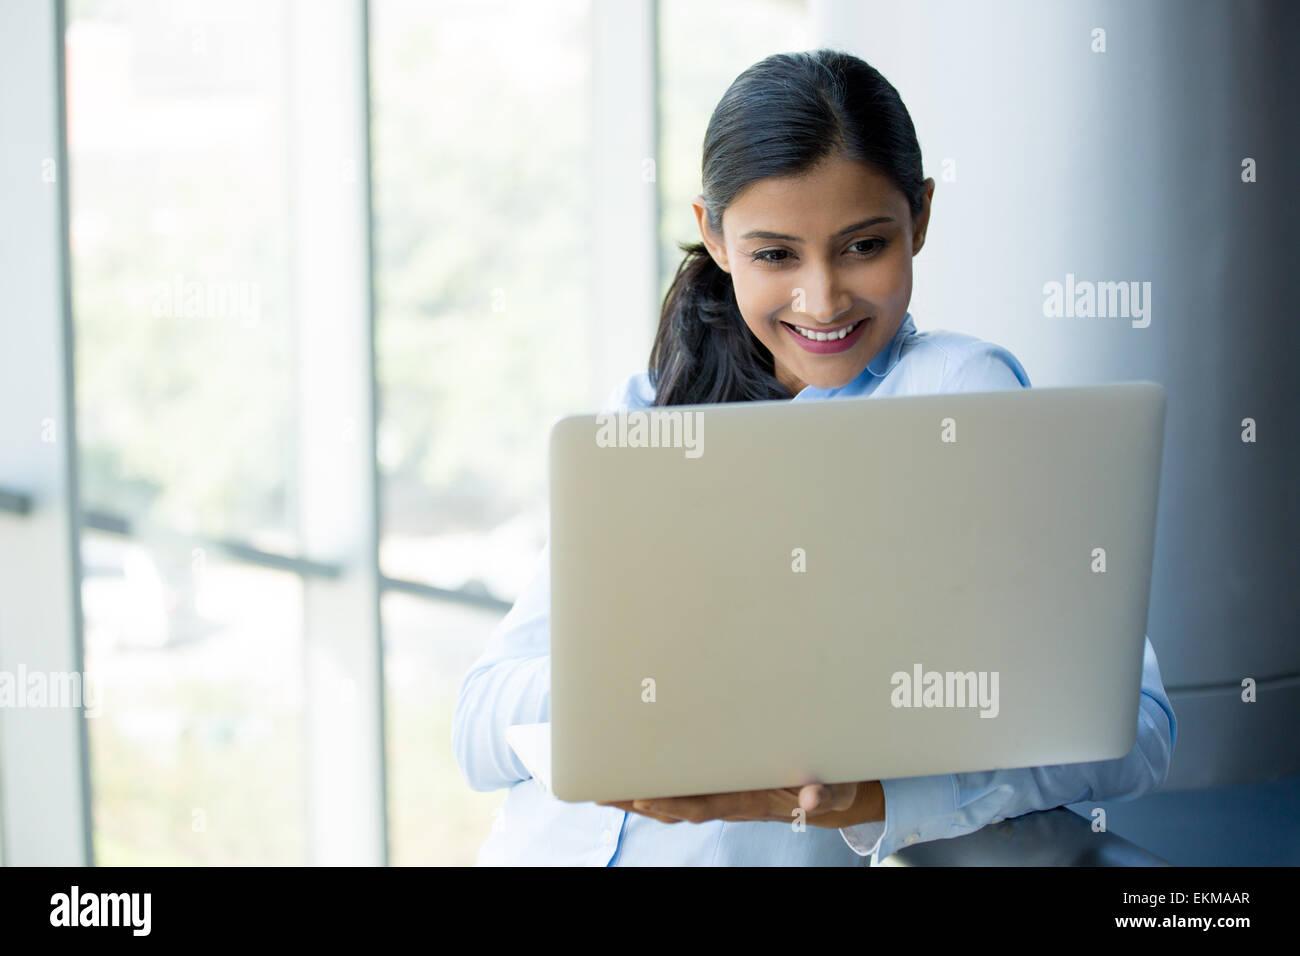 Closeup Ritratto, giovane, attraente moglie, madre, piedi, sorridente alla ricerca, navigazione portatile d'argento. Immagini Stock